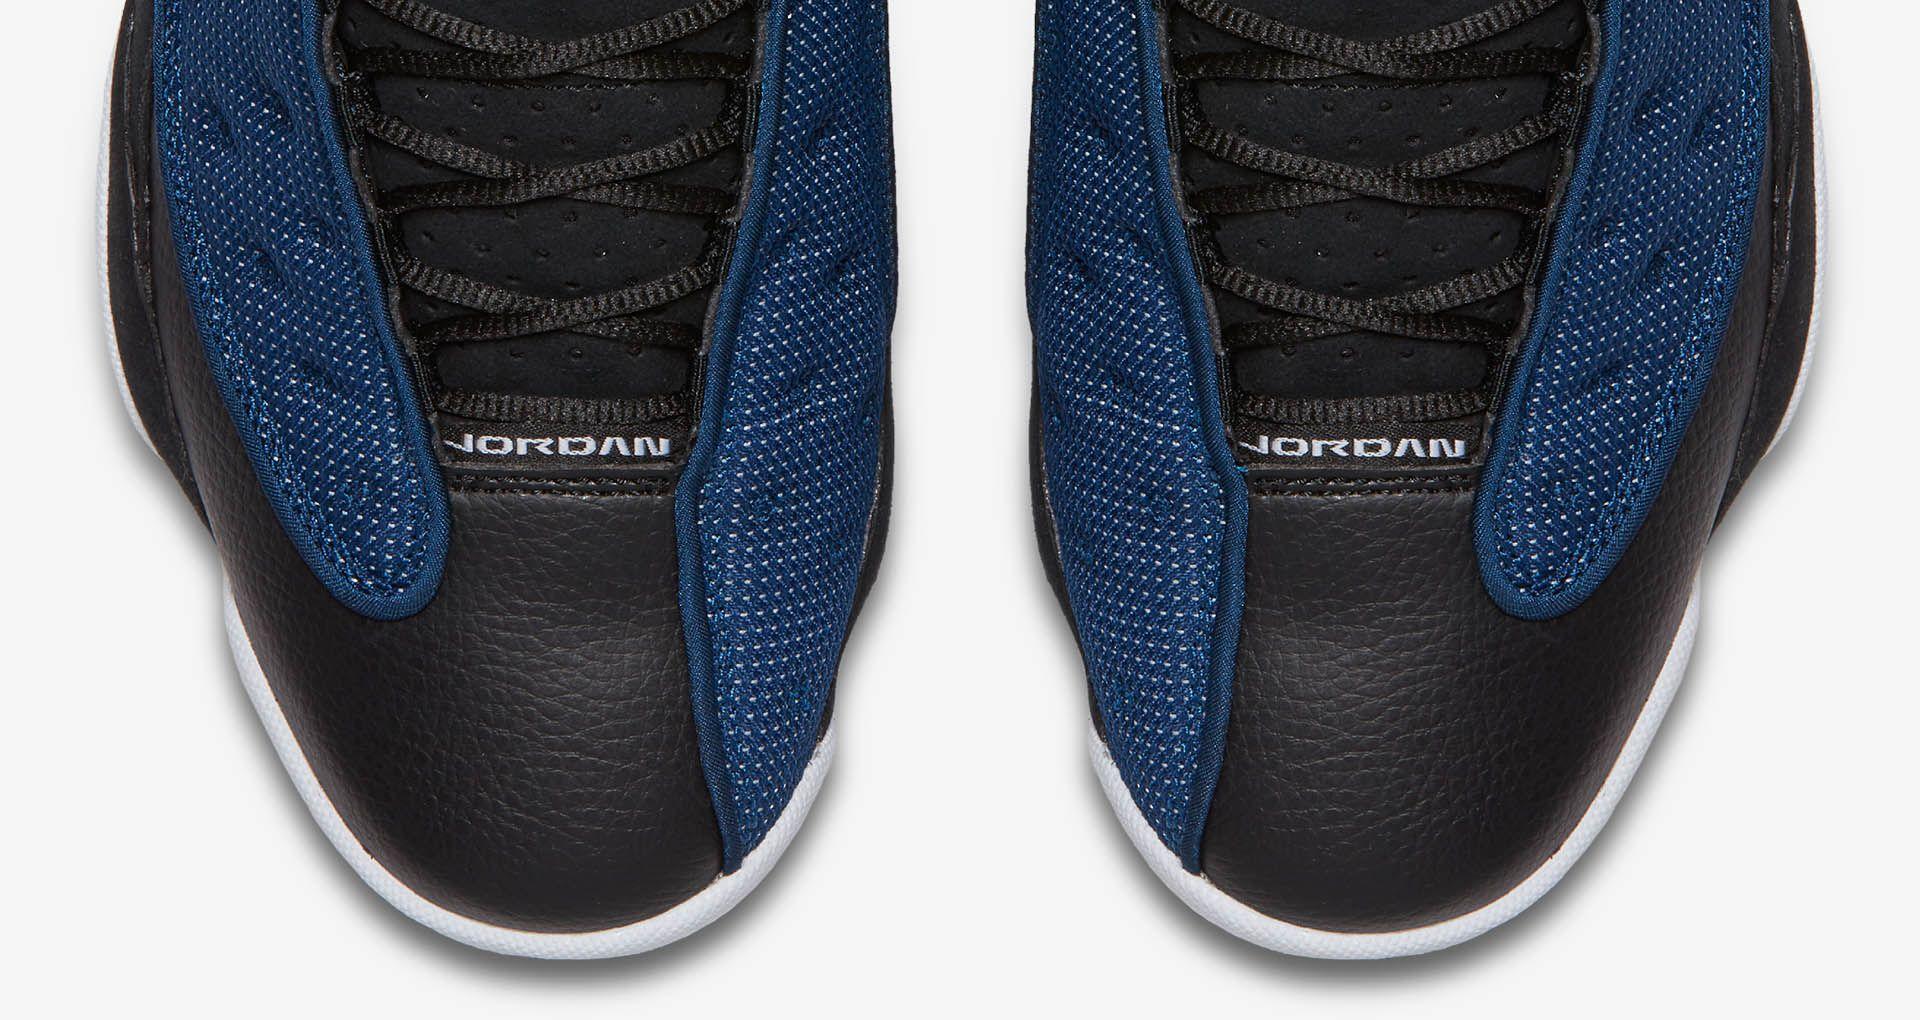 detailed look 59e6e e5793 Air Jordan 13 Retro Low 'Black & Brave Blue'. Nike+ SNKRS